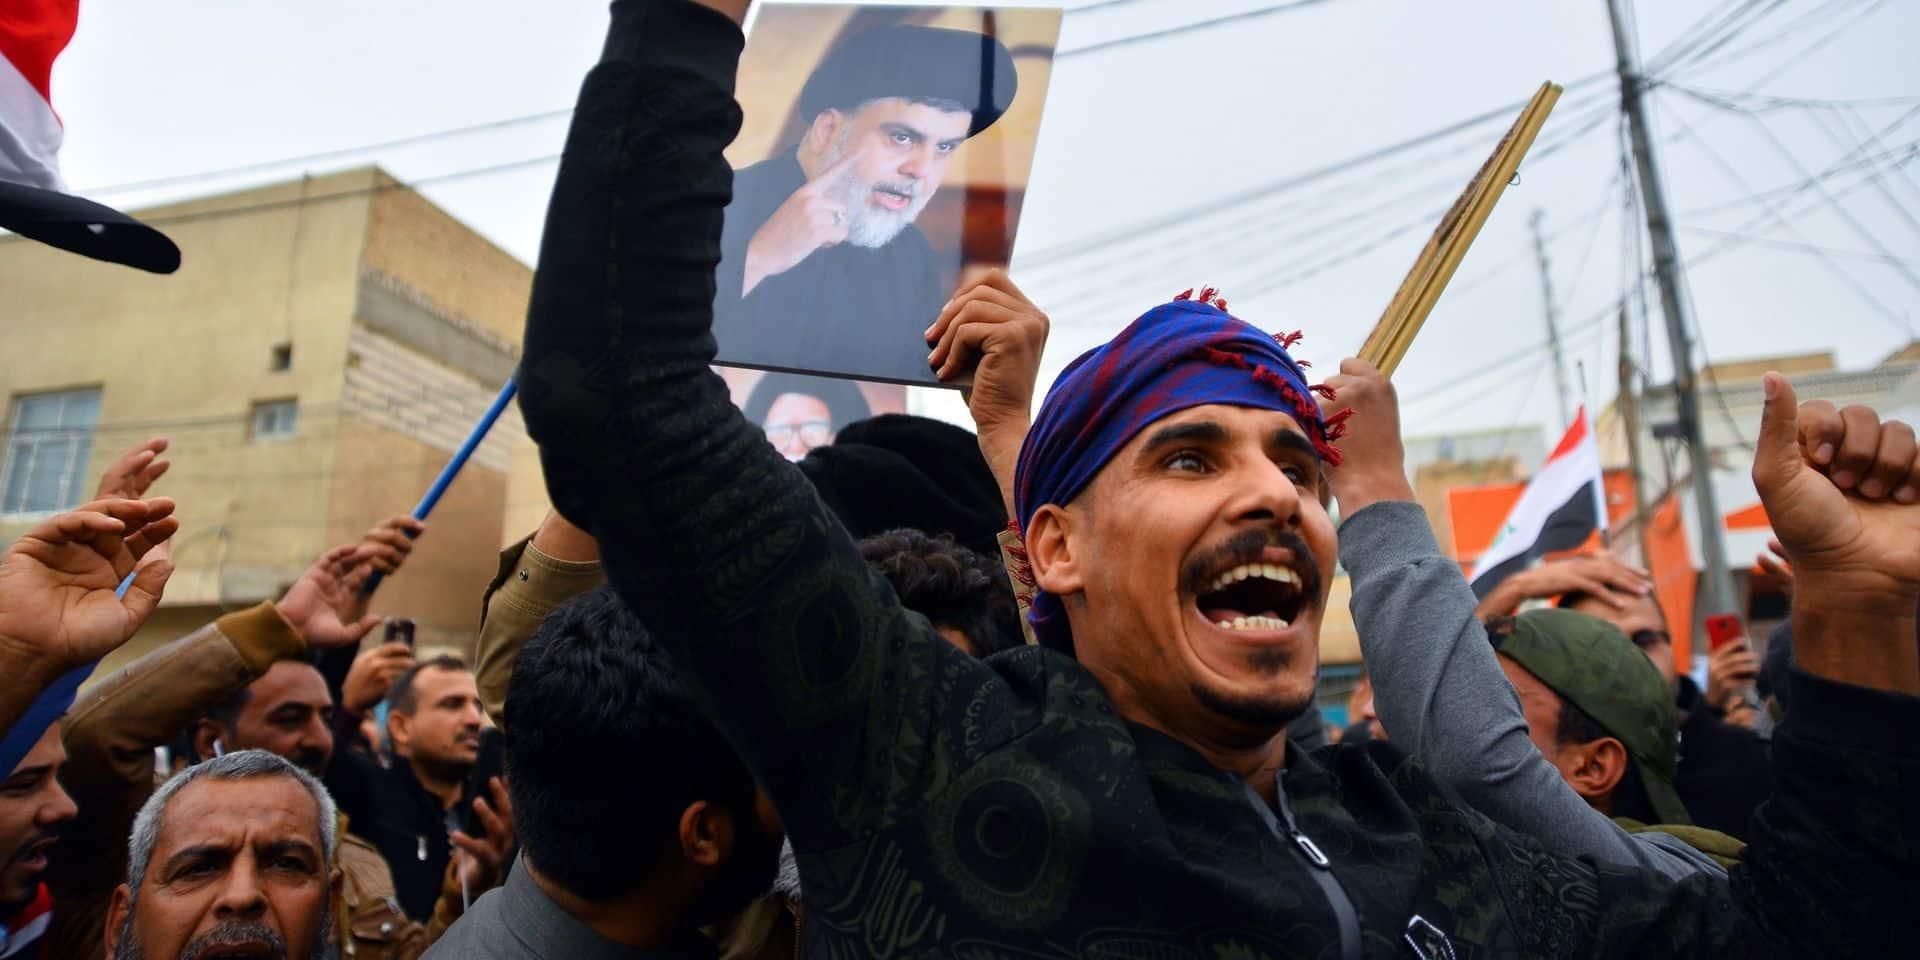 Des milliers d'Irakiens dans la rue malgré les morts à Bagdad